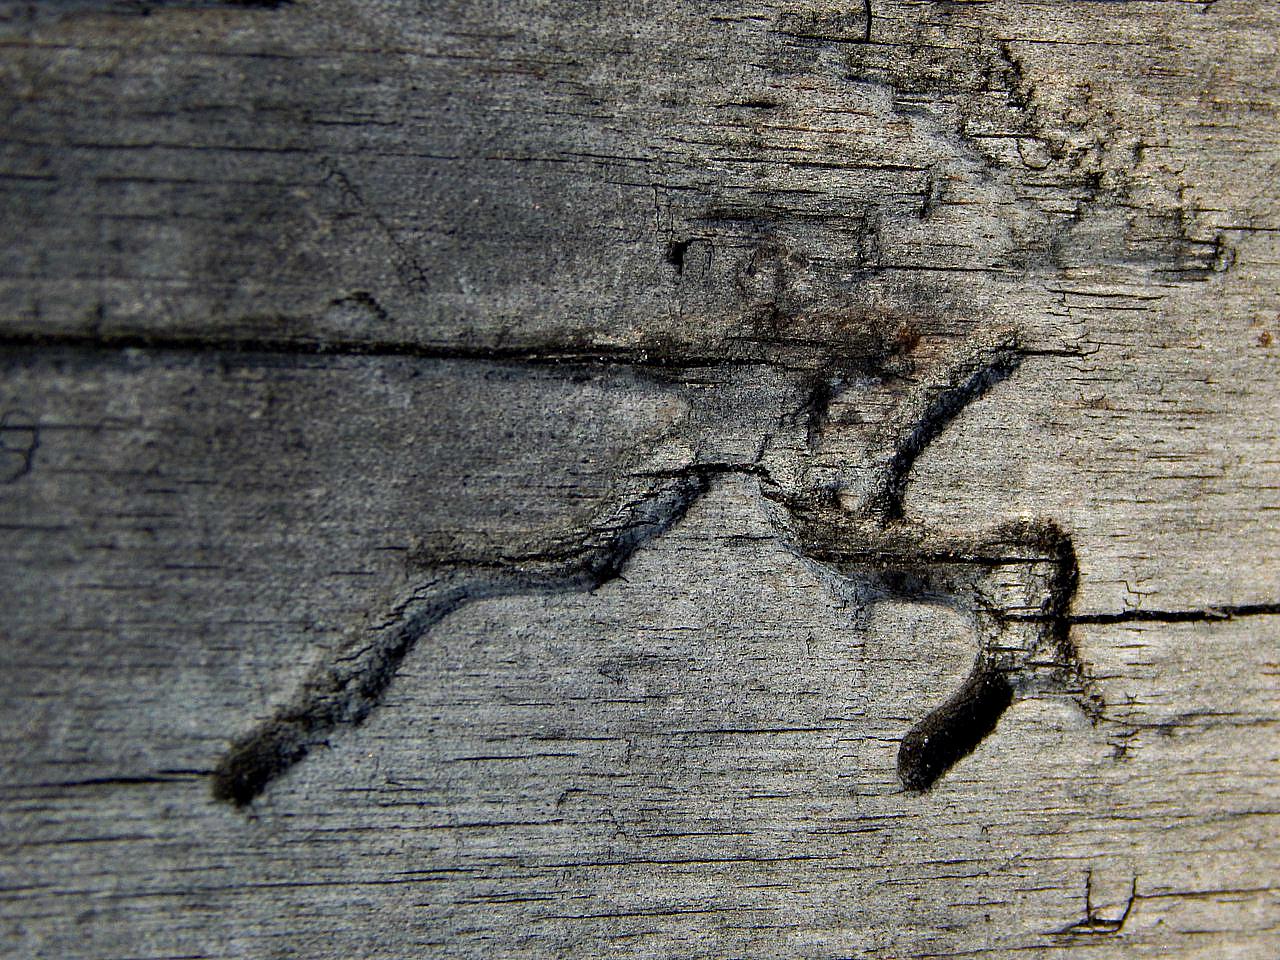 ДЕВЯТЬ раз СИЛЬНЫЙ короед вгрызался в дерево...